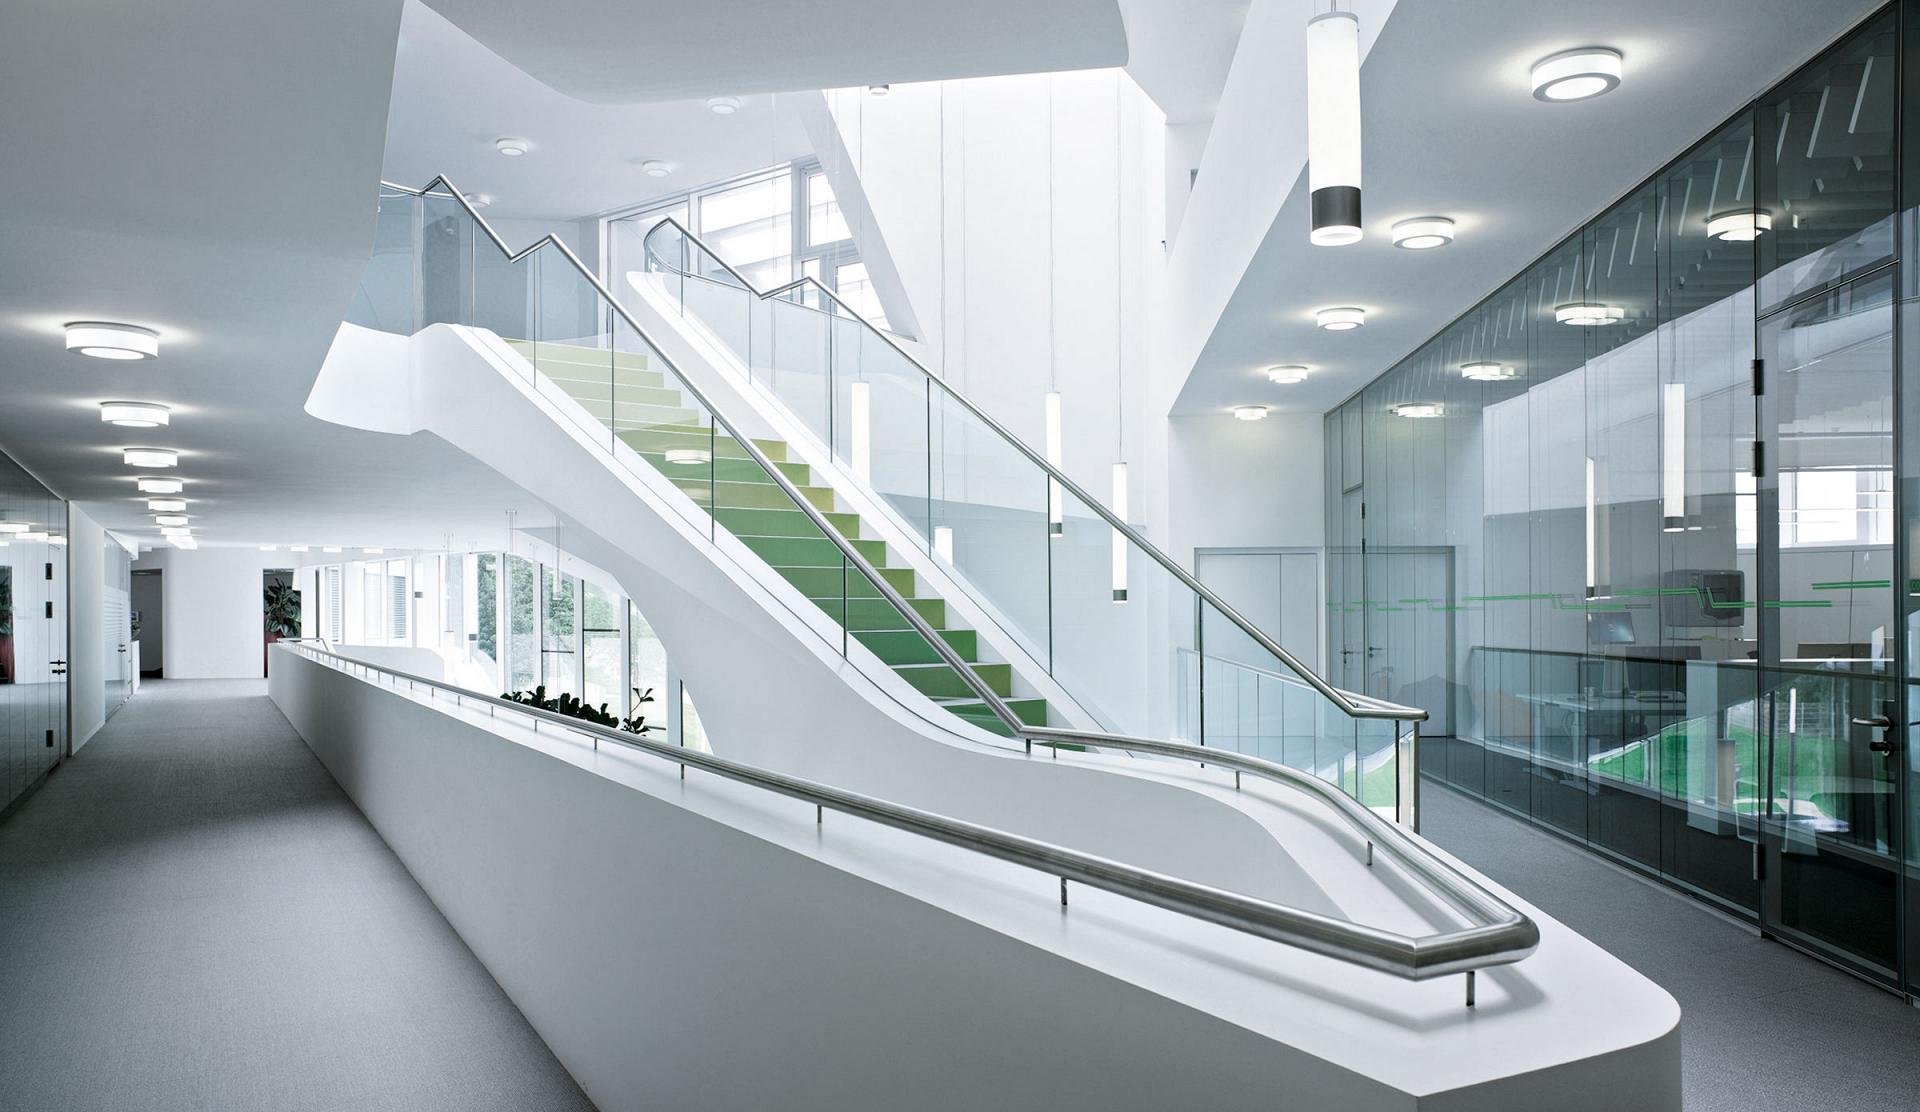 Un buen sistema de iluminaci n incrementa el valor for Iluminacion led oficinas